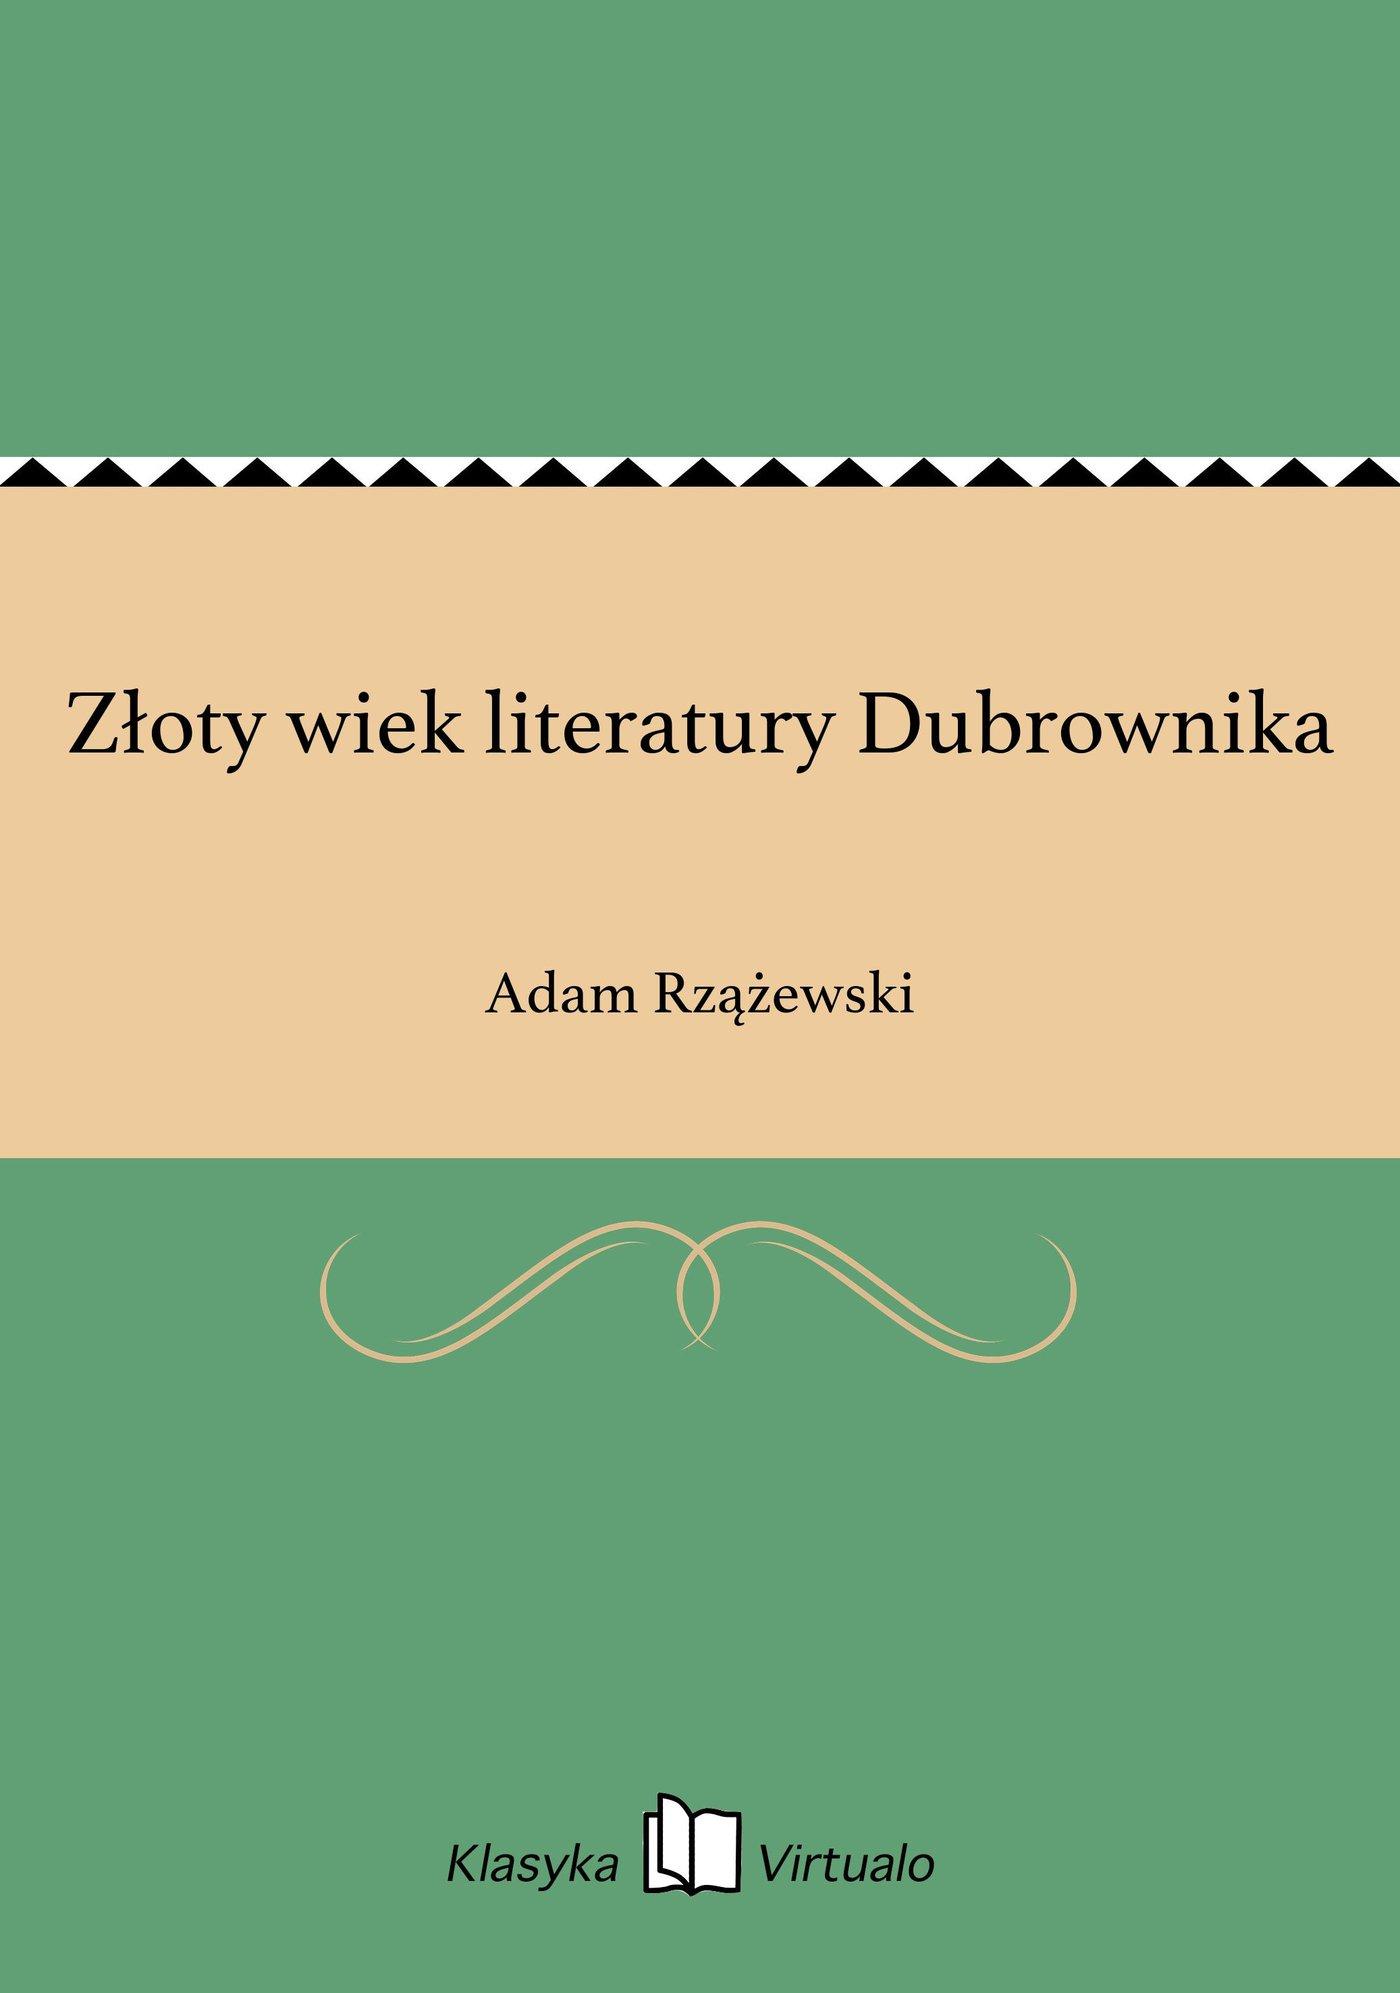 Złoty wiek literatury Dubrownika - Ebook (Książka EPUB) do pobrania w formacie EPUB